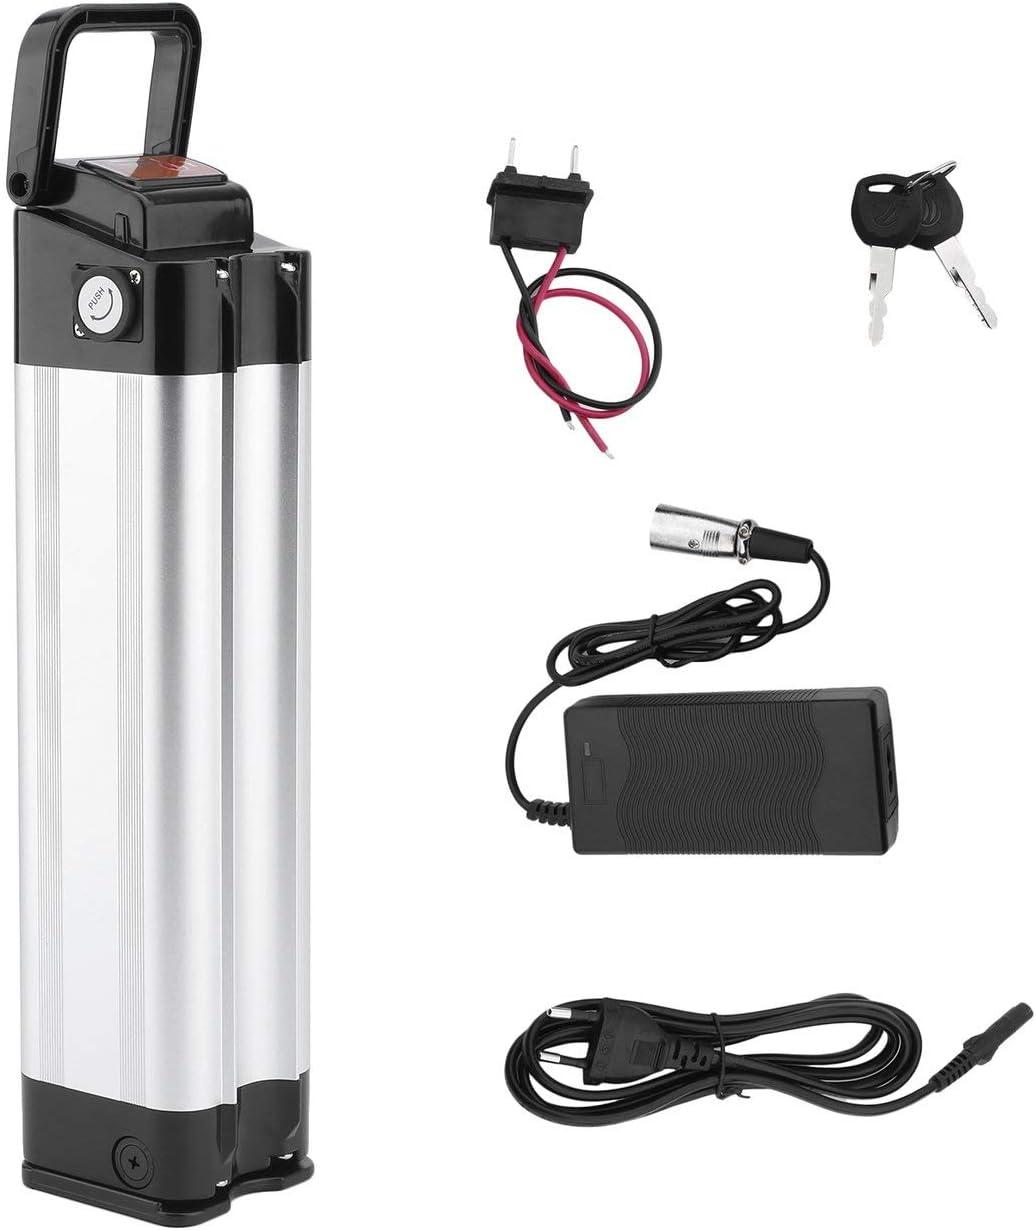 Pudincoco Batería de Bicicleta eléctrica 36V 10AH 360W E-Bike Batería de Iones de Litio con Cargador Kit de conversión de Bicicleta eléctrica de Alta Potencia